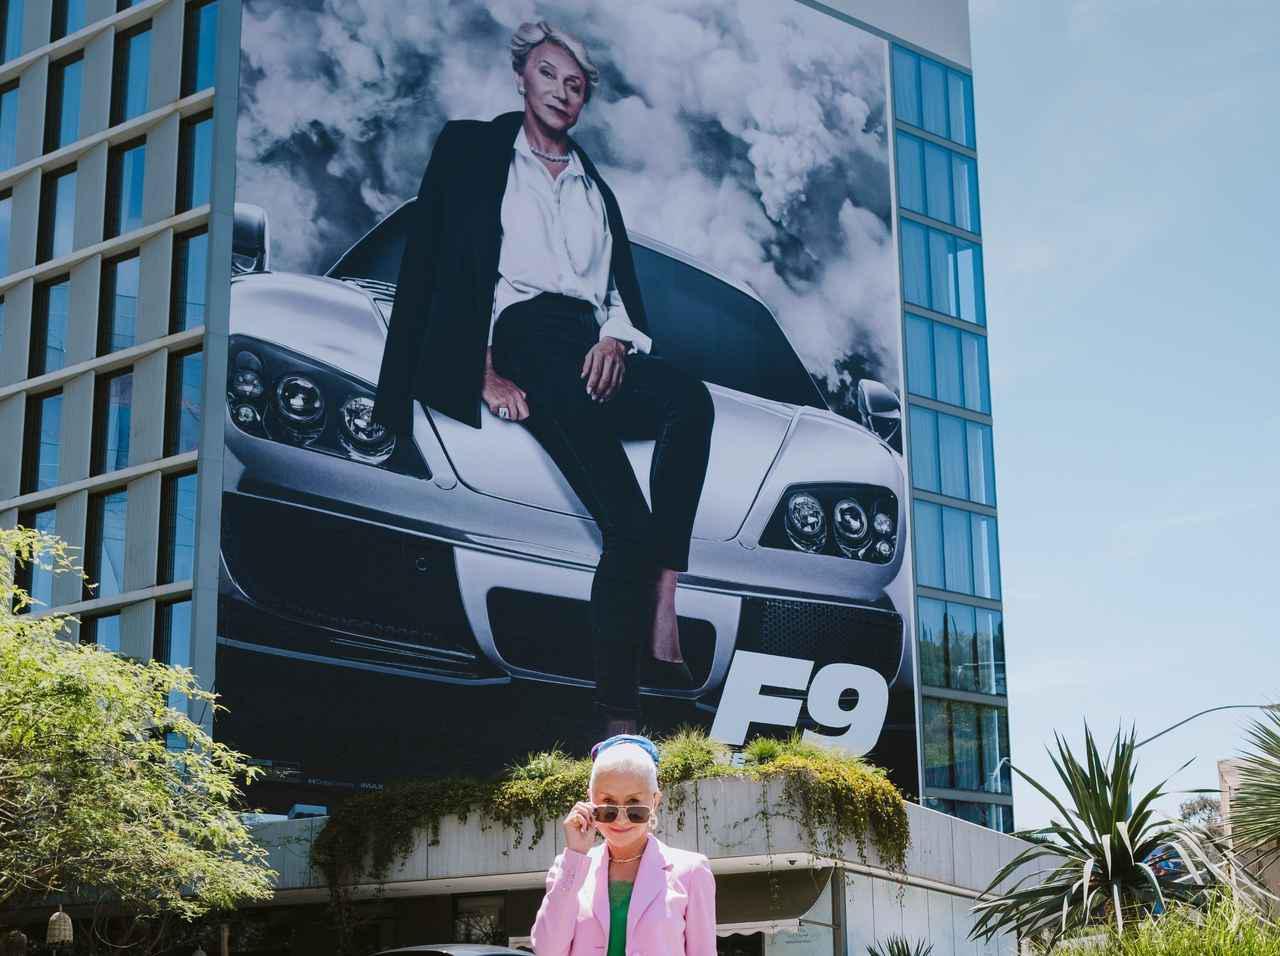 """画像: 『ワイルド・スピード』デッカード母、""""自分の巨大ポスターの前""""で撮った写真がかっこよすぎる - フロントロウ -海外セレブ&海外カルチャー情報を発信"""